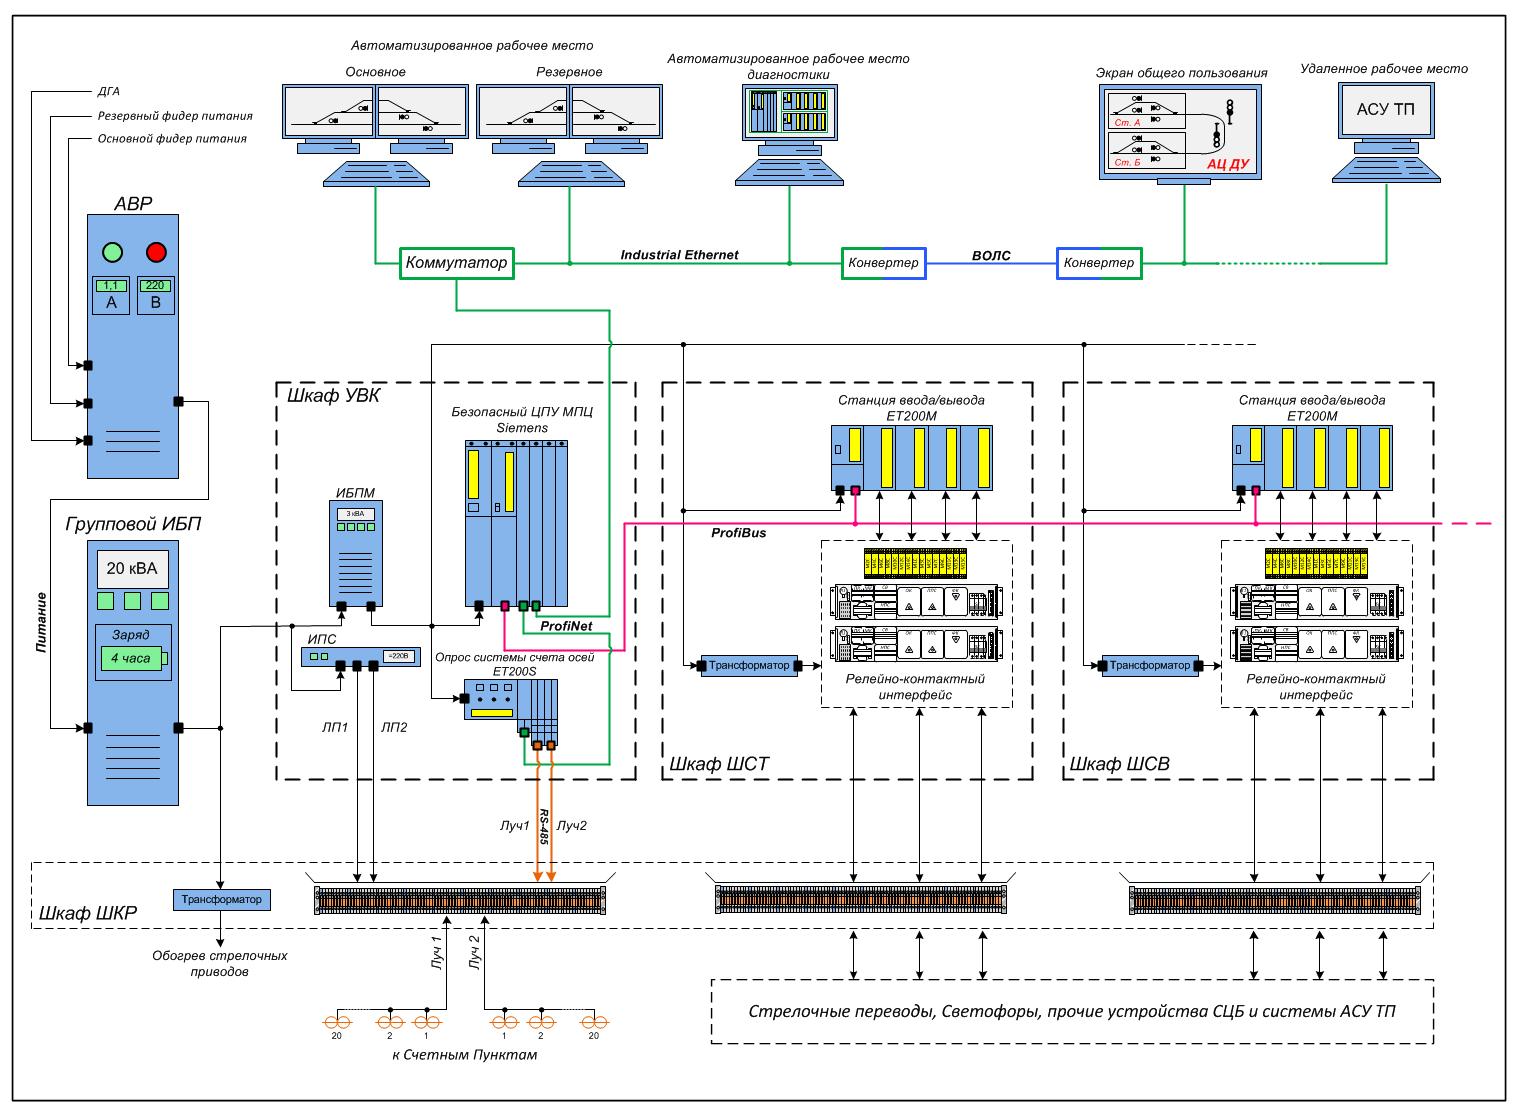 Структурная схема МПЦ